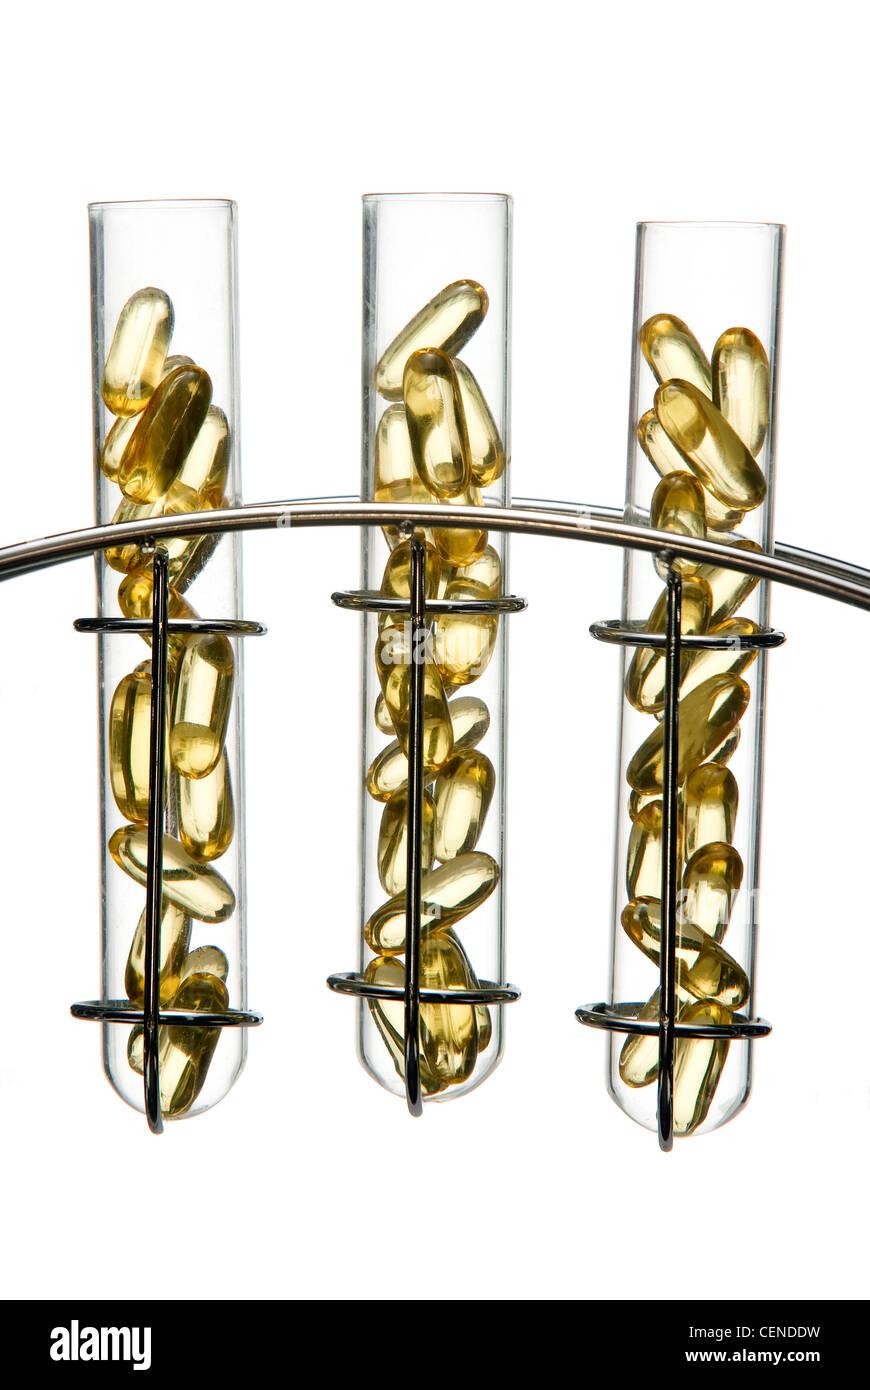 Generico liquido capsule riempite in provette in vetro in un piedistallo cromato Immagini Stock